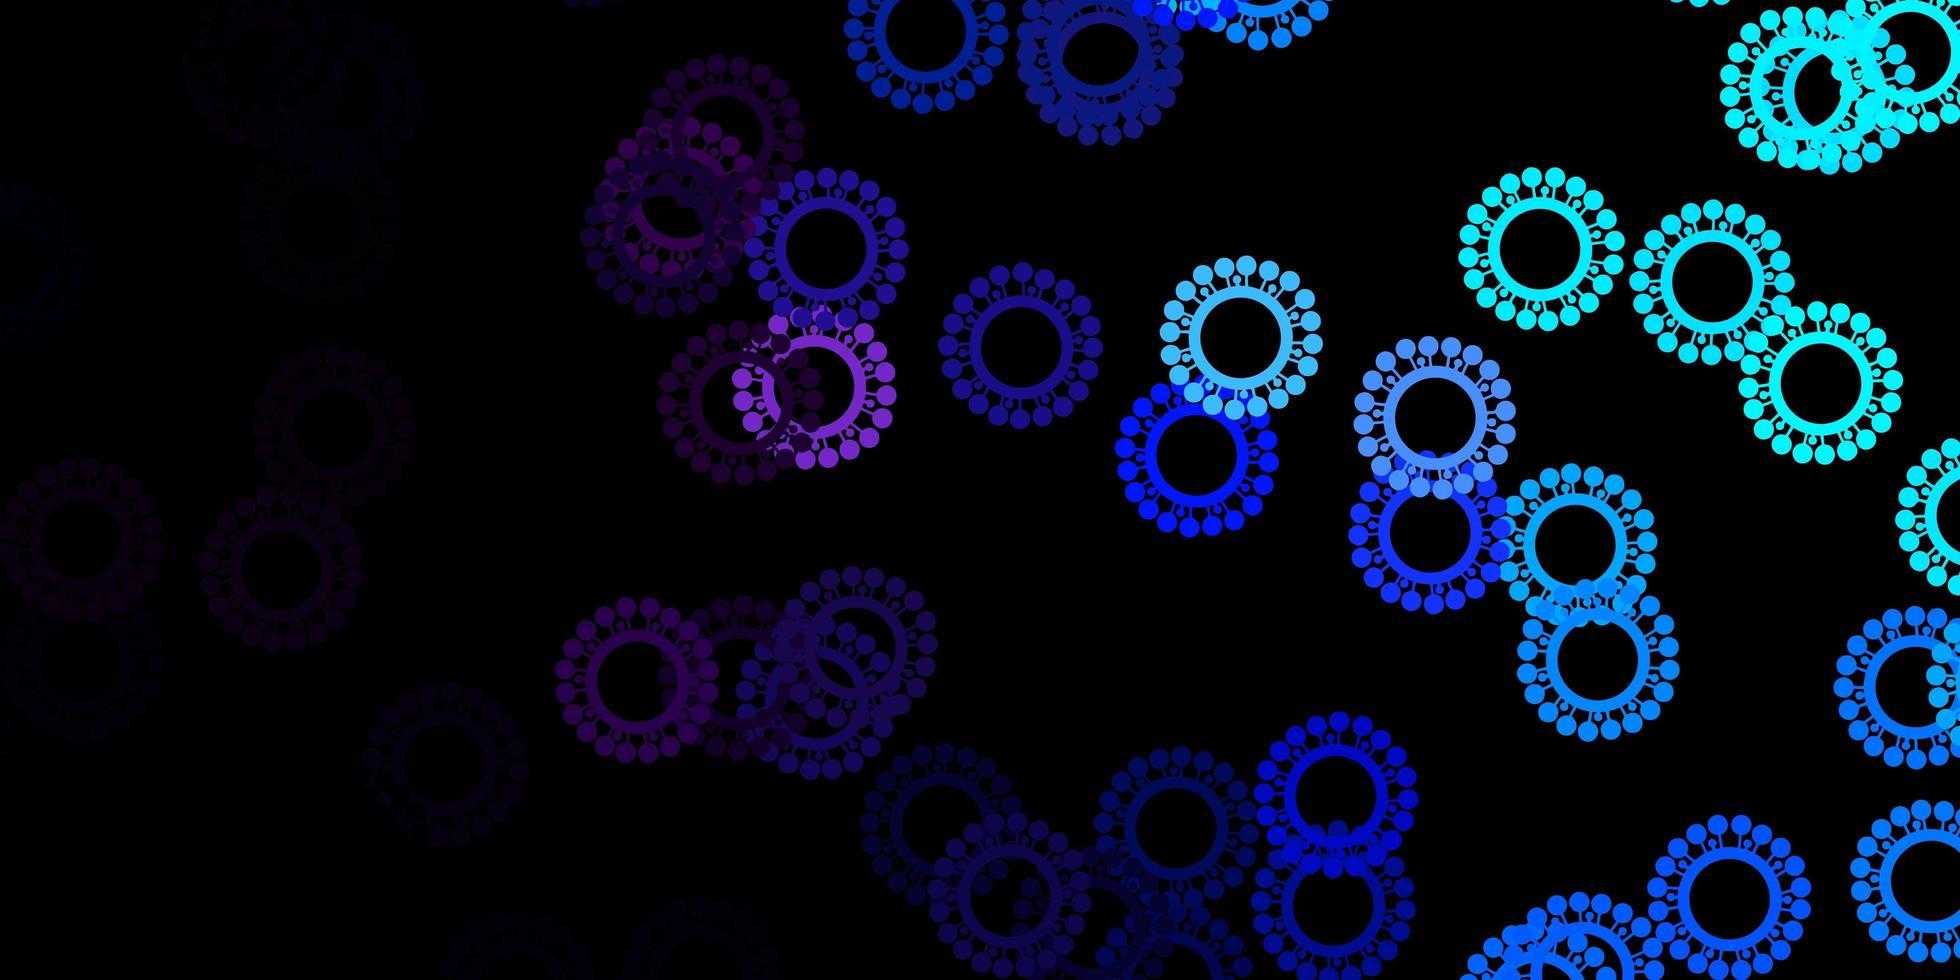 dunkelrosa, blauer Vektorhintergrund mit Virensymbolen vektor